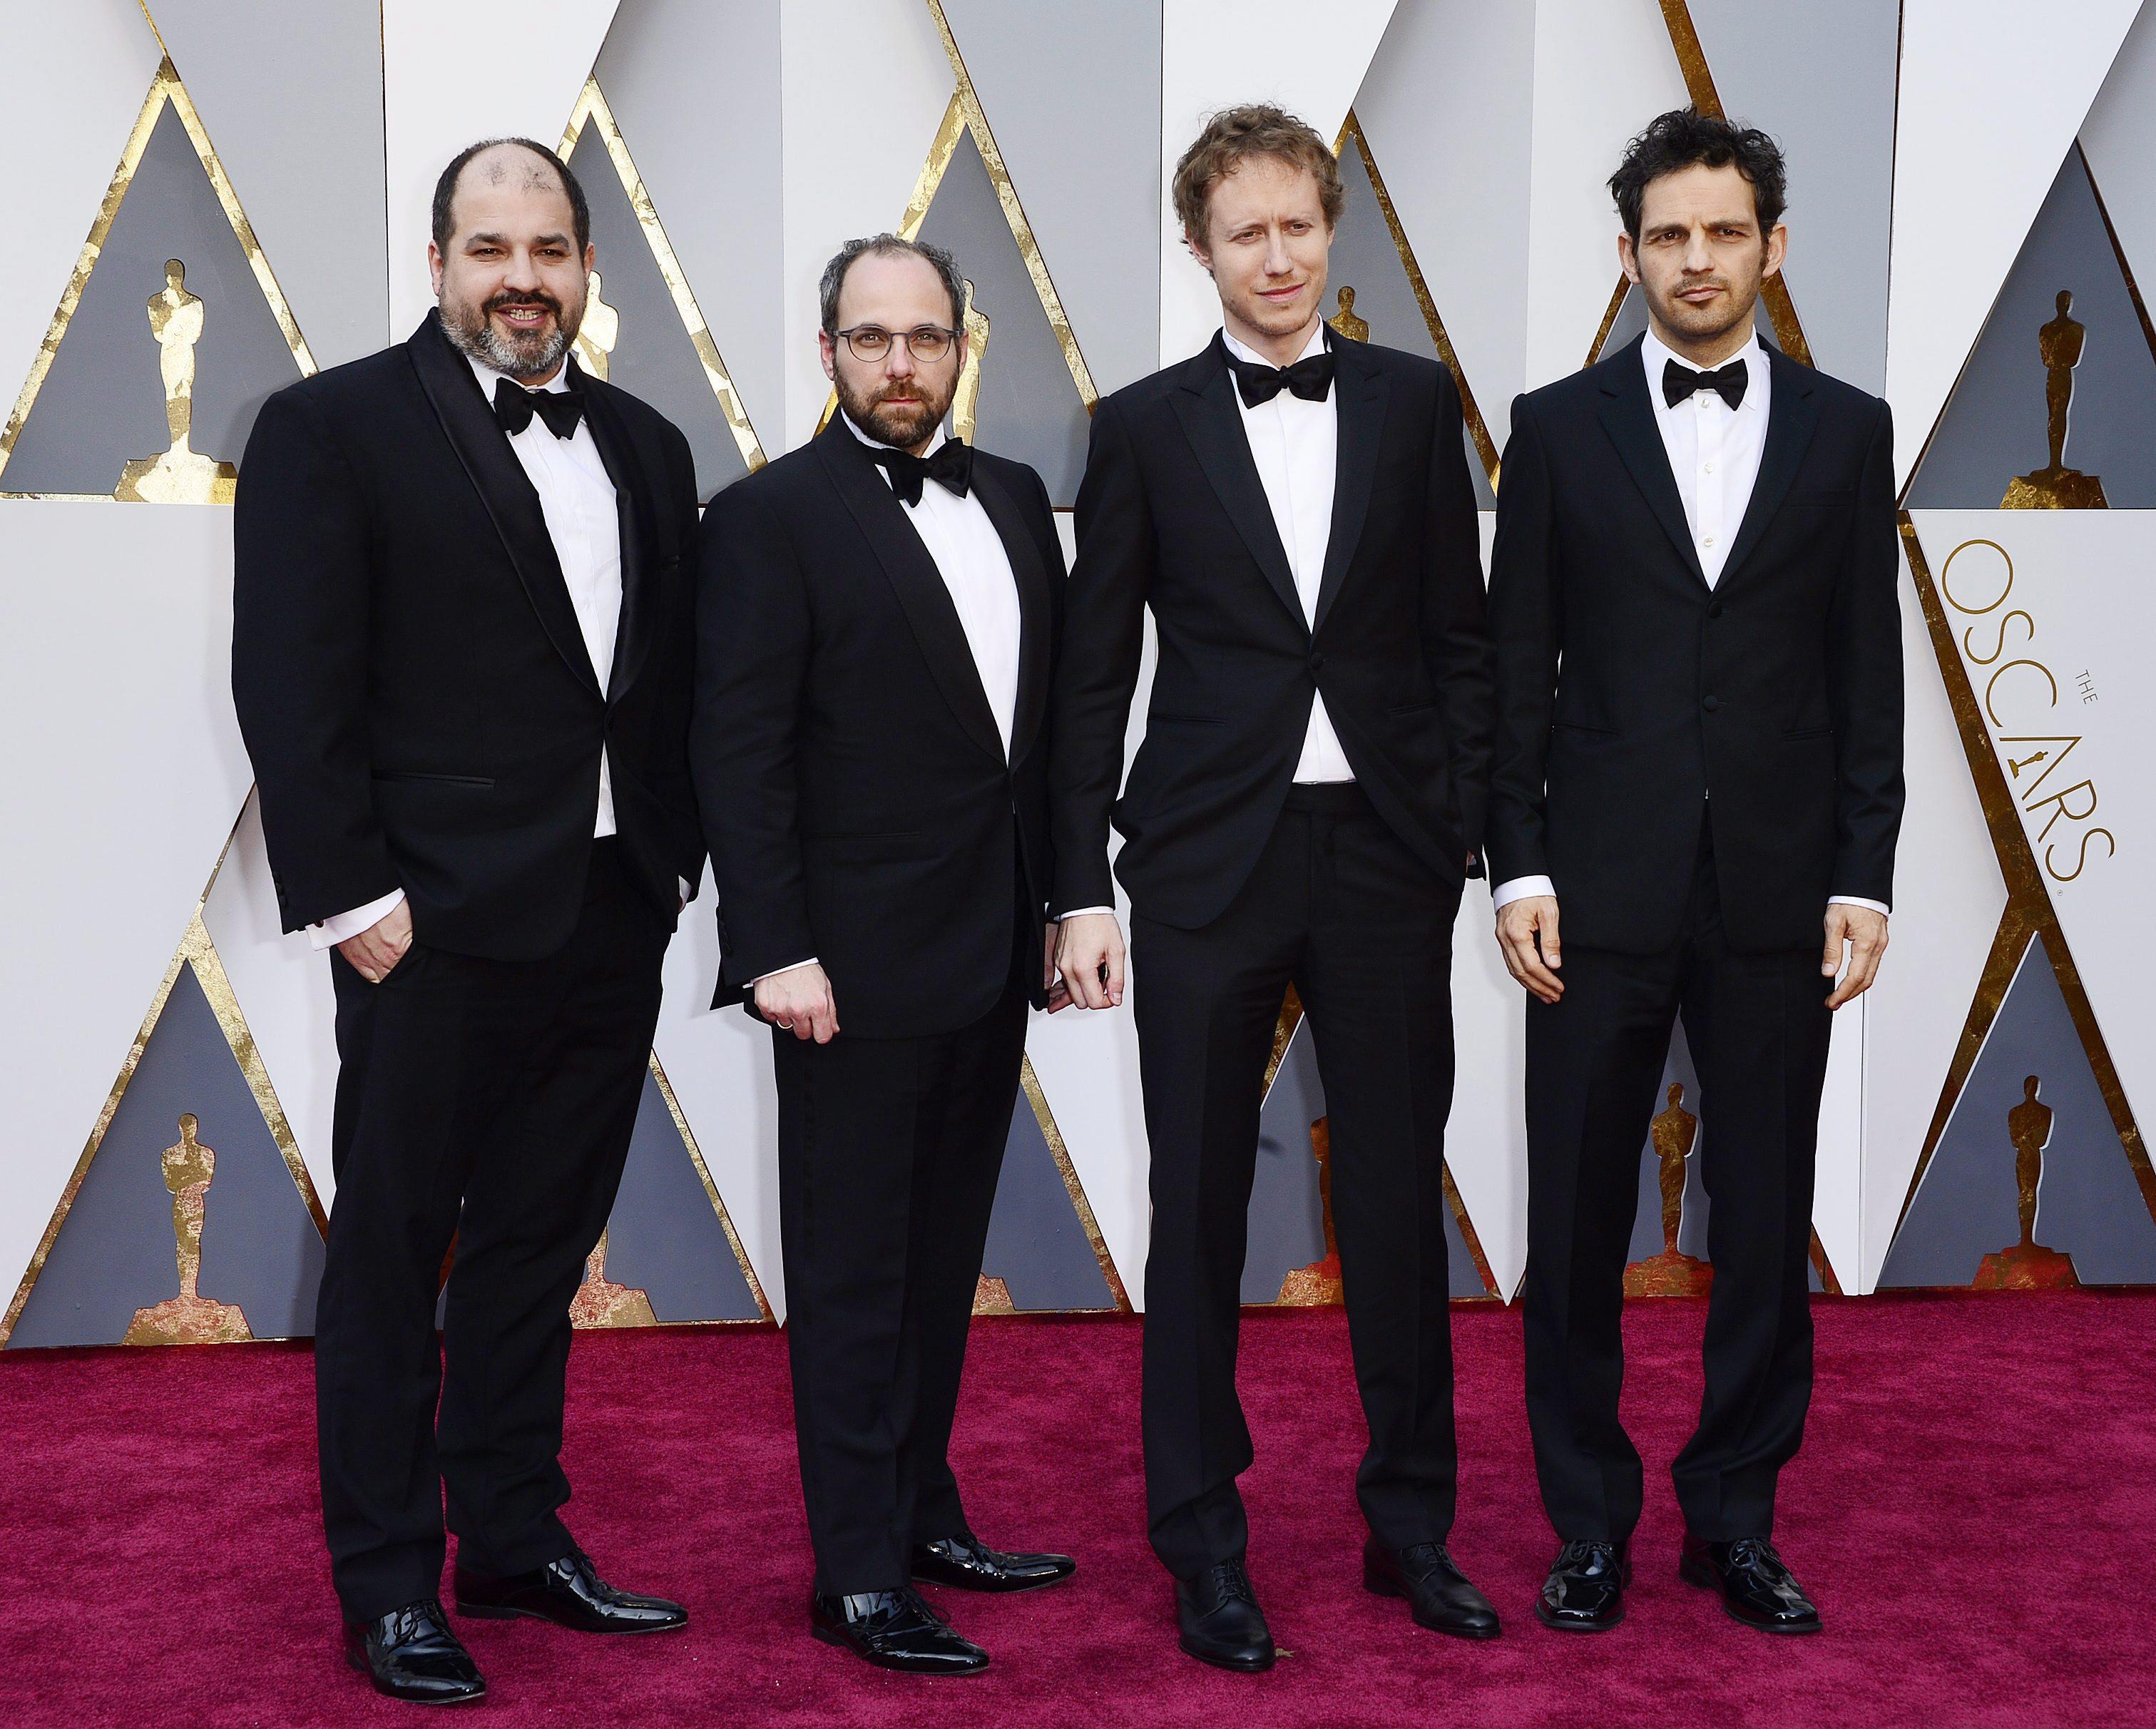 A Saul fia nyerte az Oscart